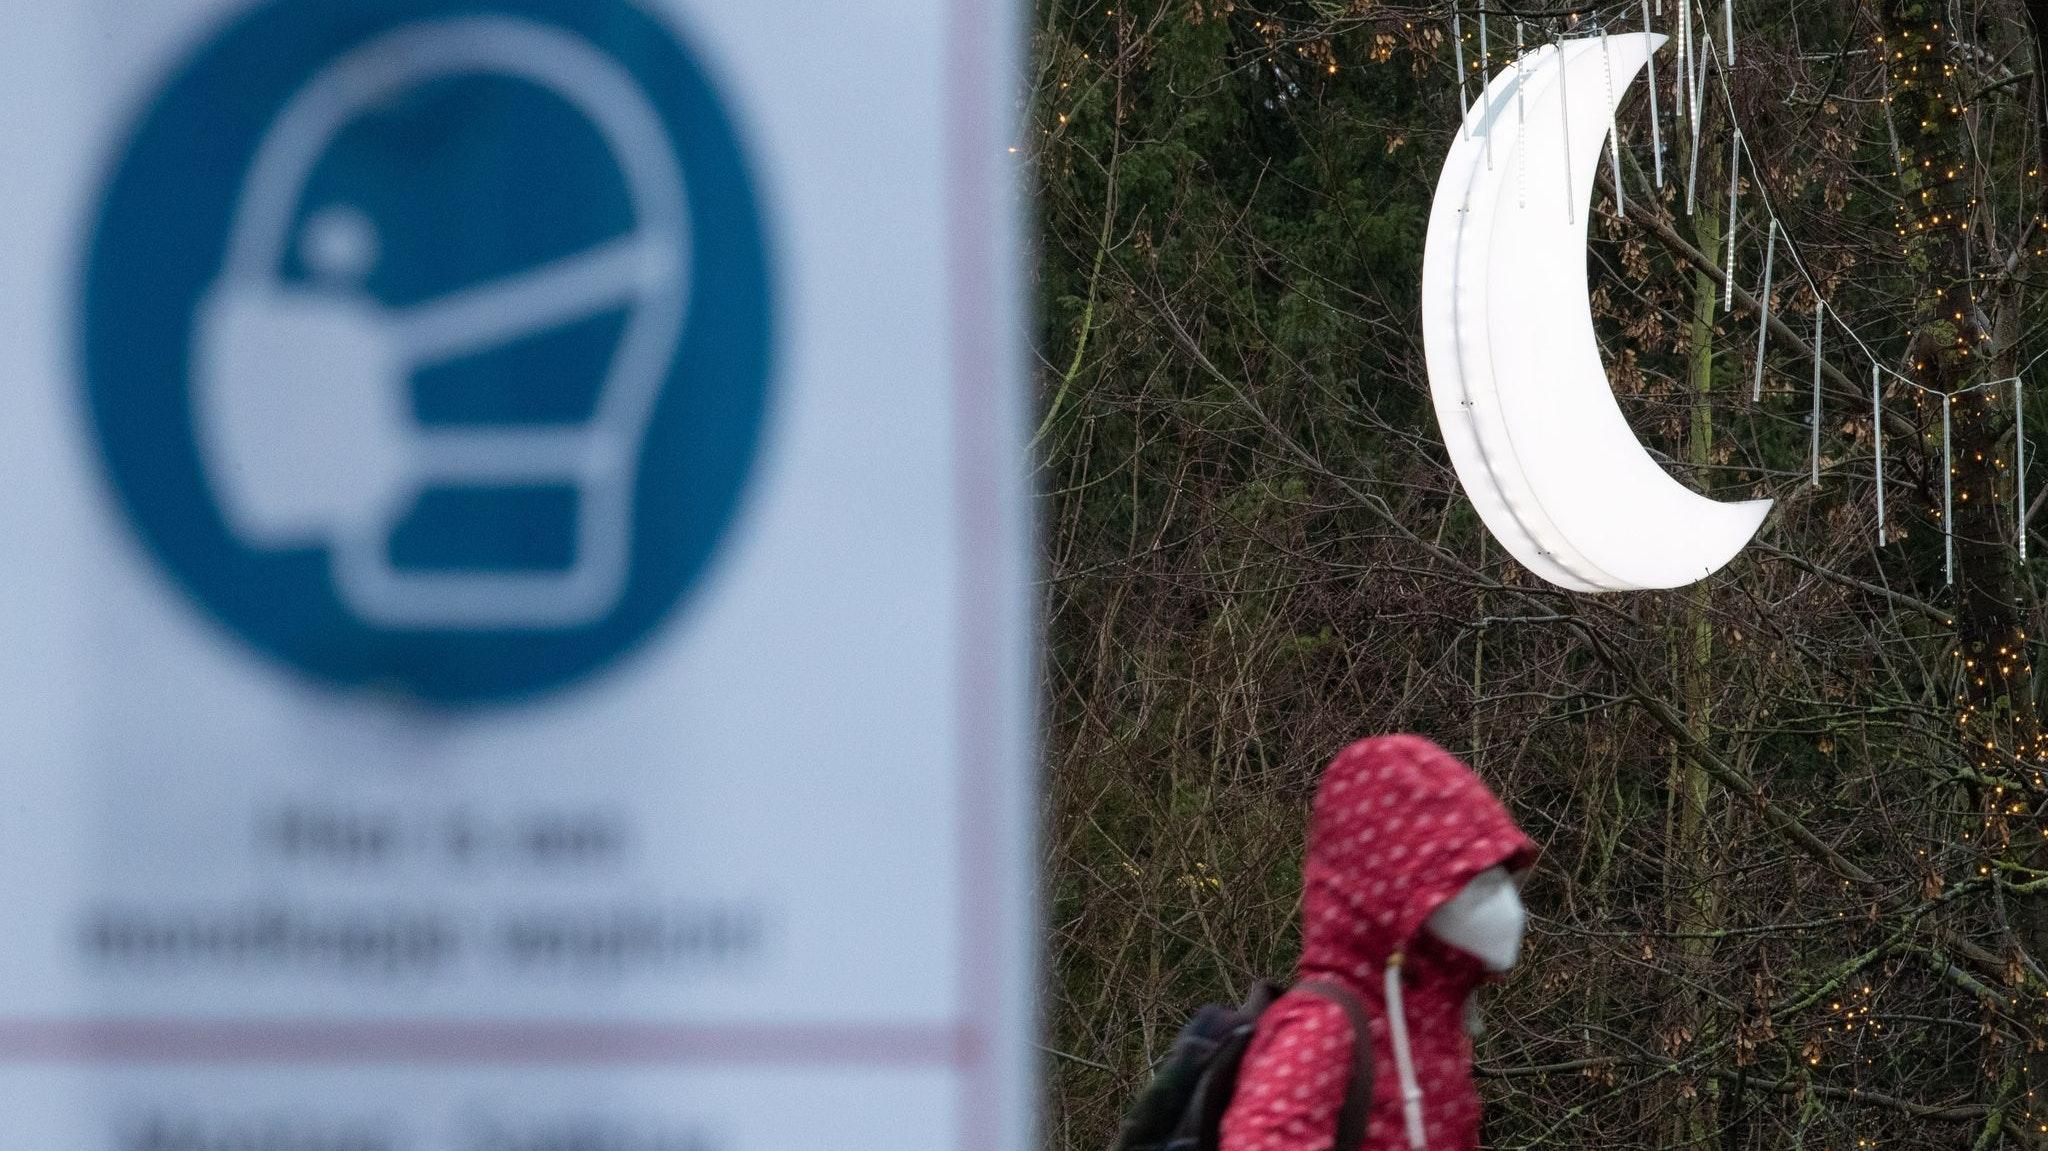 Aus mit nächtlicher Sperrstunde: Die stark gestiegene Inzidenzzahl ist in der Graftschaft Bentheim nach den Weihnachtstagen wieder gesunken. Symbolfoto: dpa